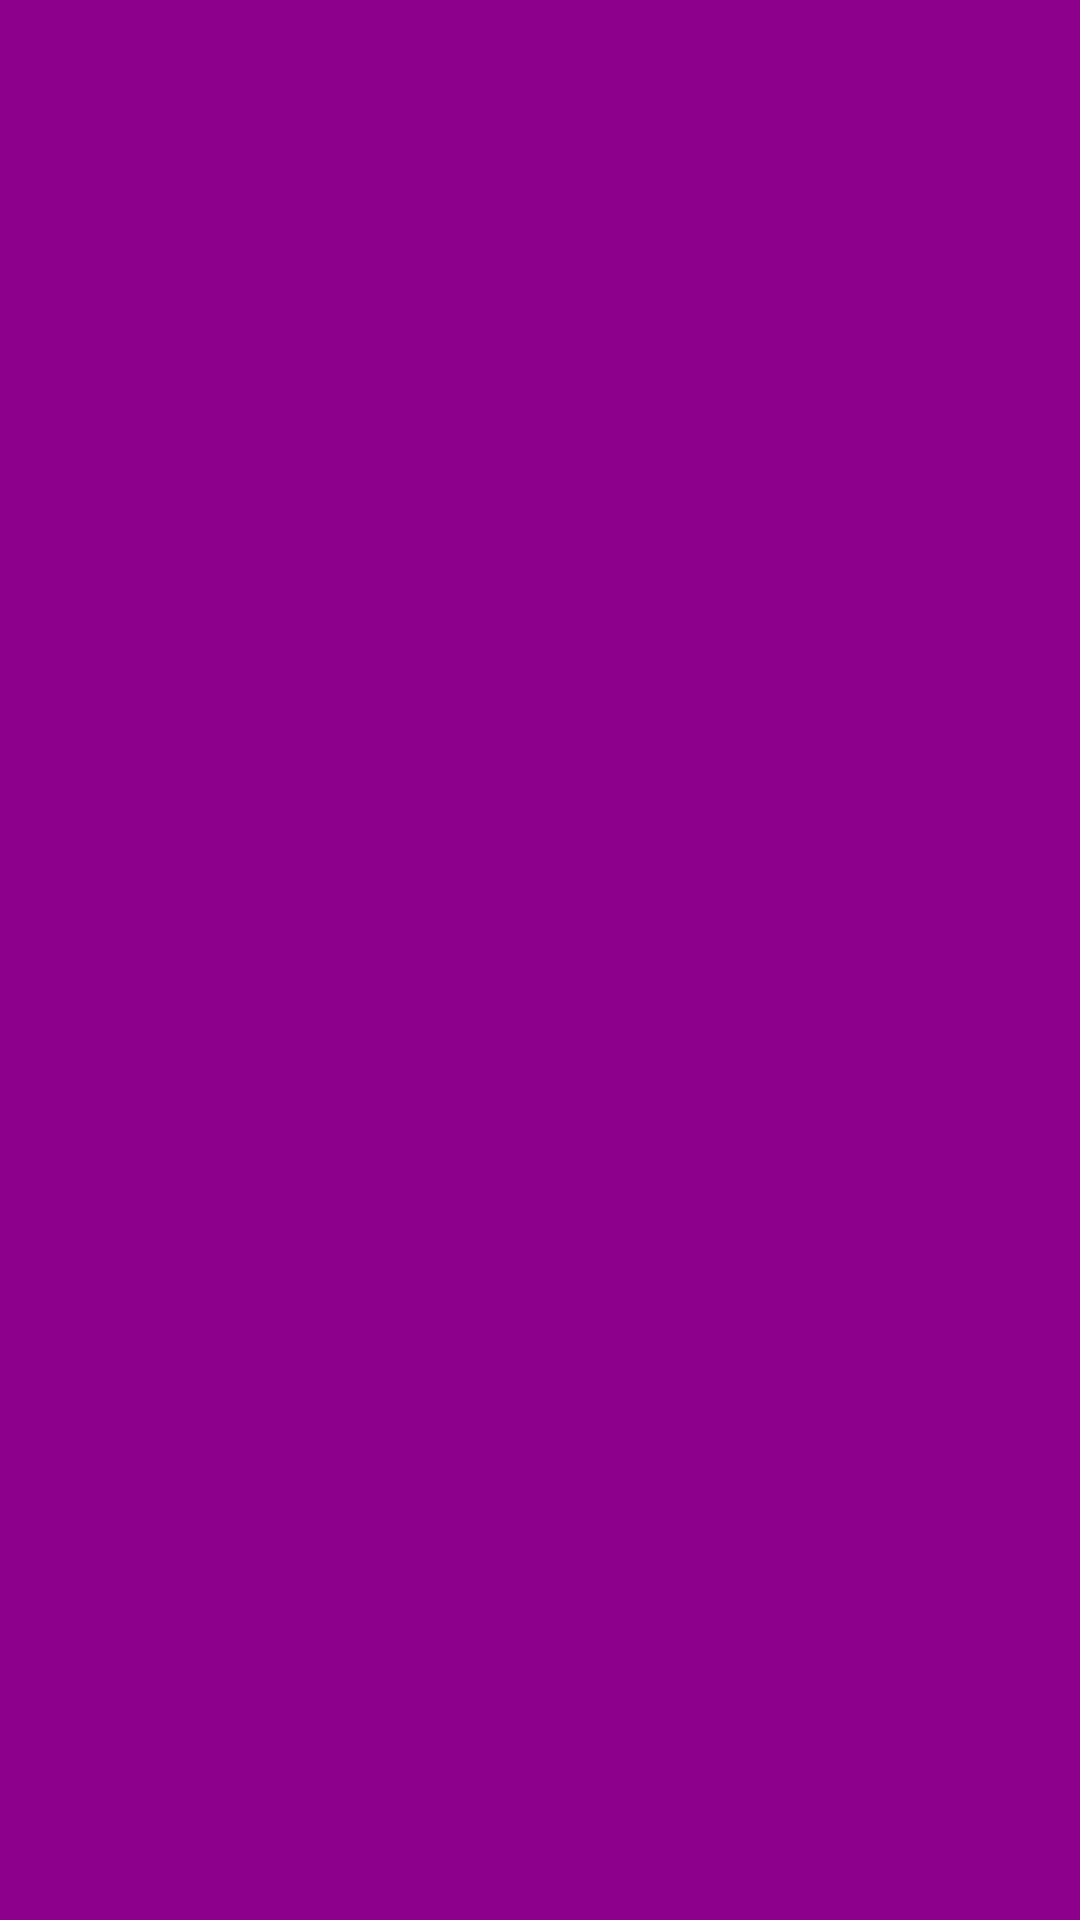 1080x1920 Dark Magenta Solid Color Background